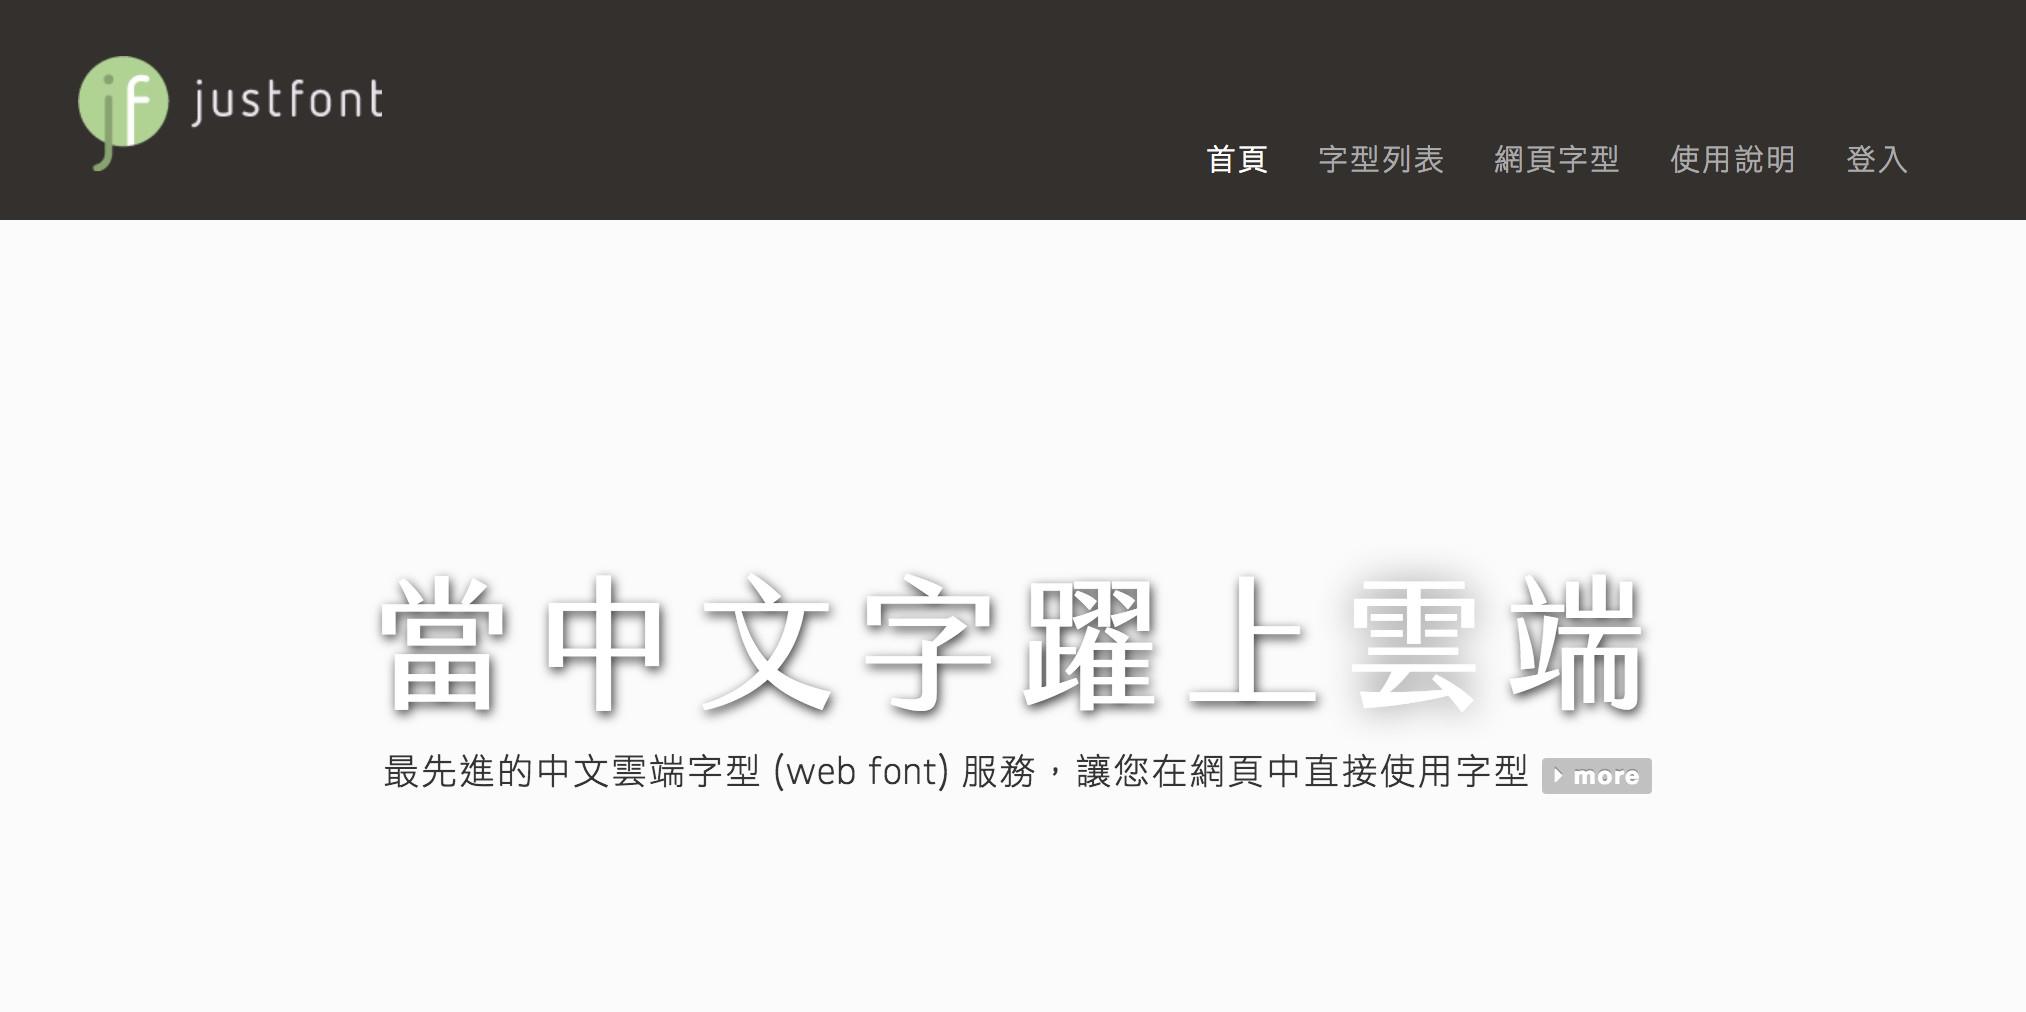 justfont中文網頁字體模組-鯊客科技SEO網站架設